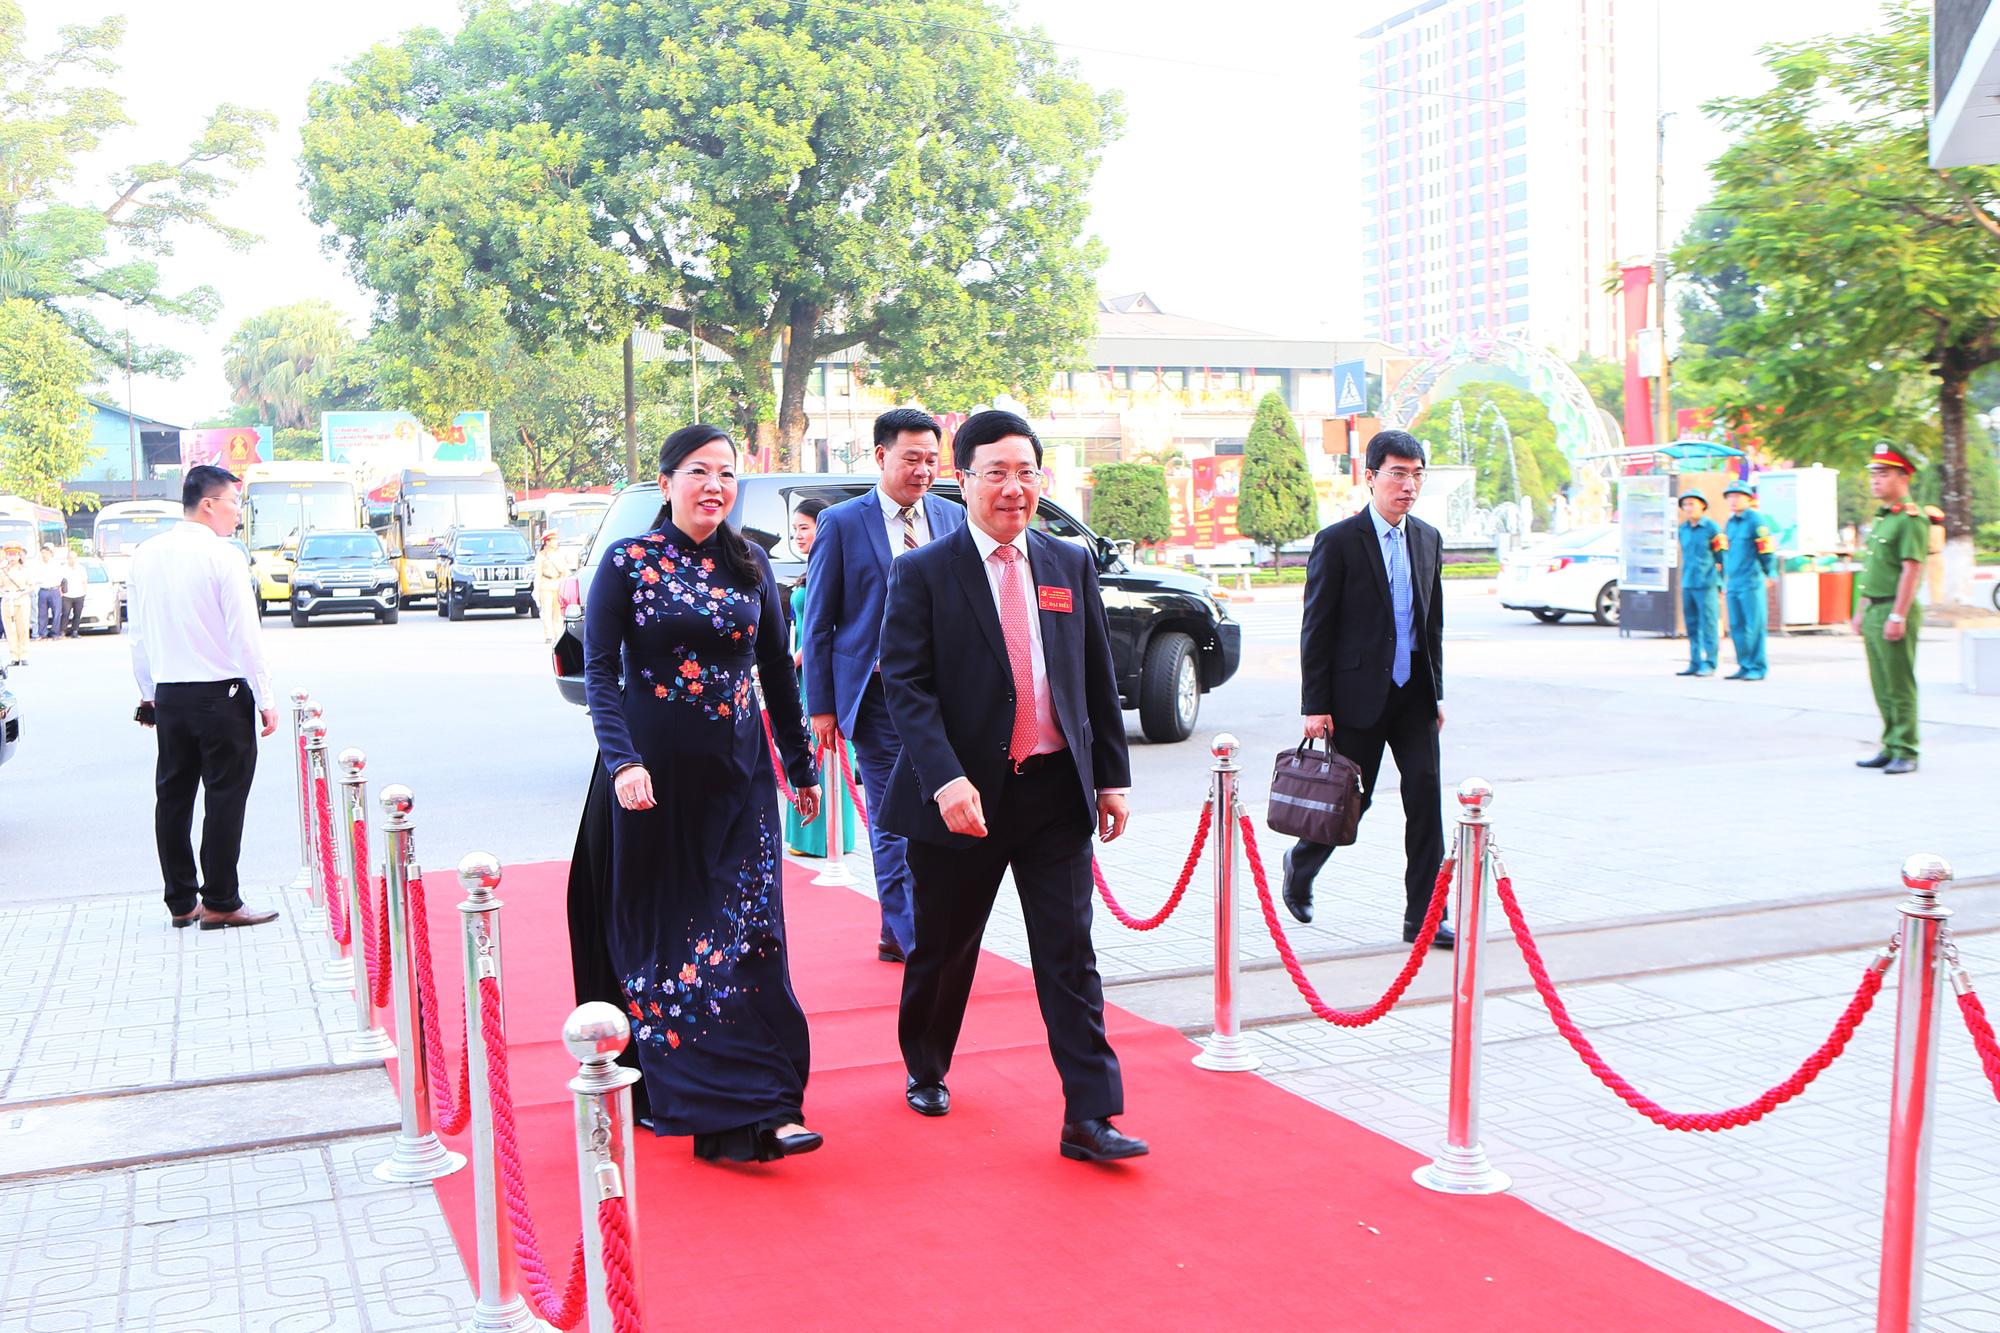 Thái Nguyên phấn đấu thành trung tâm kinh tế công nghiệp hiện đại của khu vực trung du miền núi Phía Bắc vào năm 2030 - Ảnh 1.